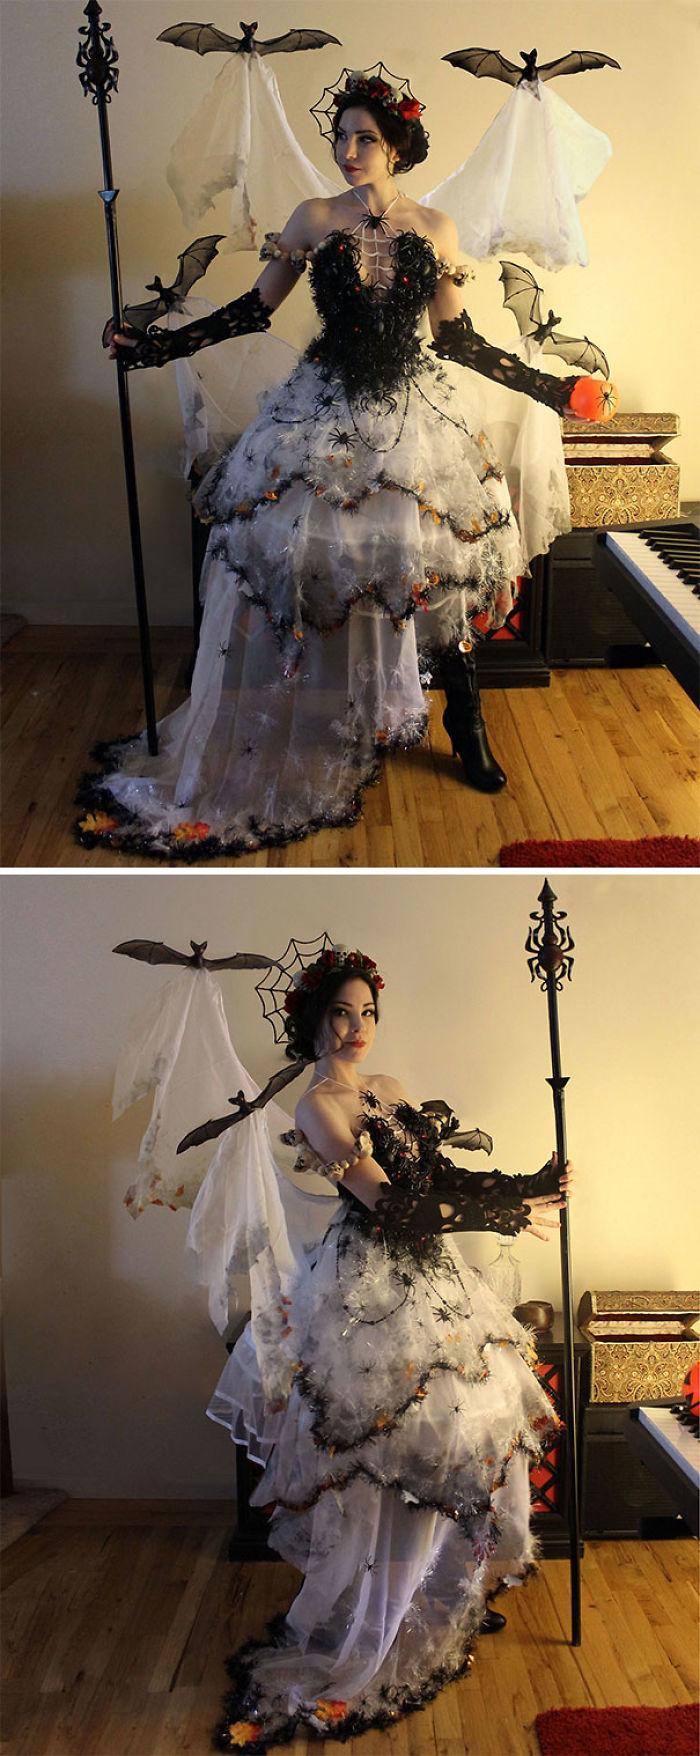 Disfraz de Halloween hecho de decoraciones de Halloween